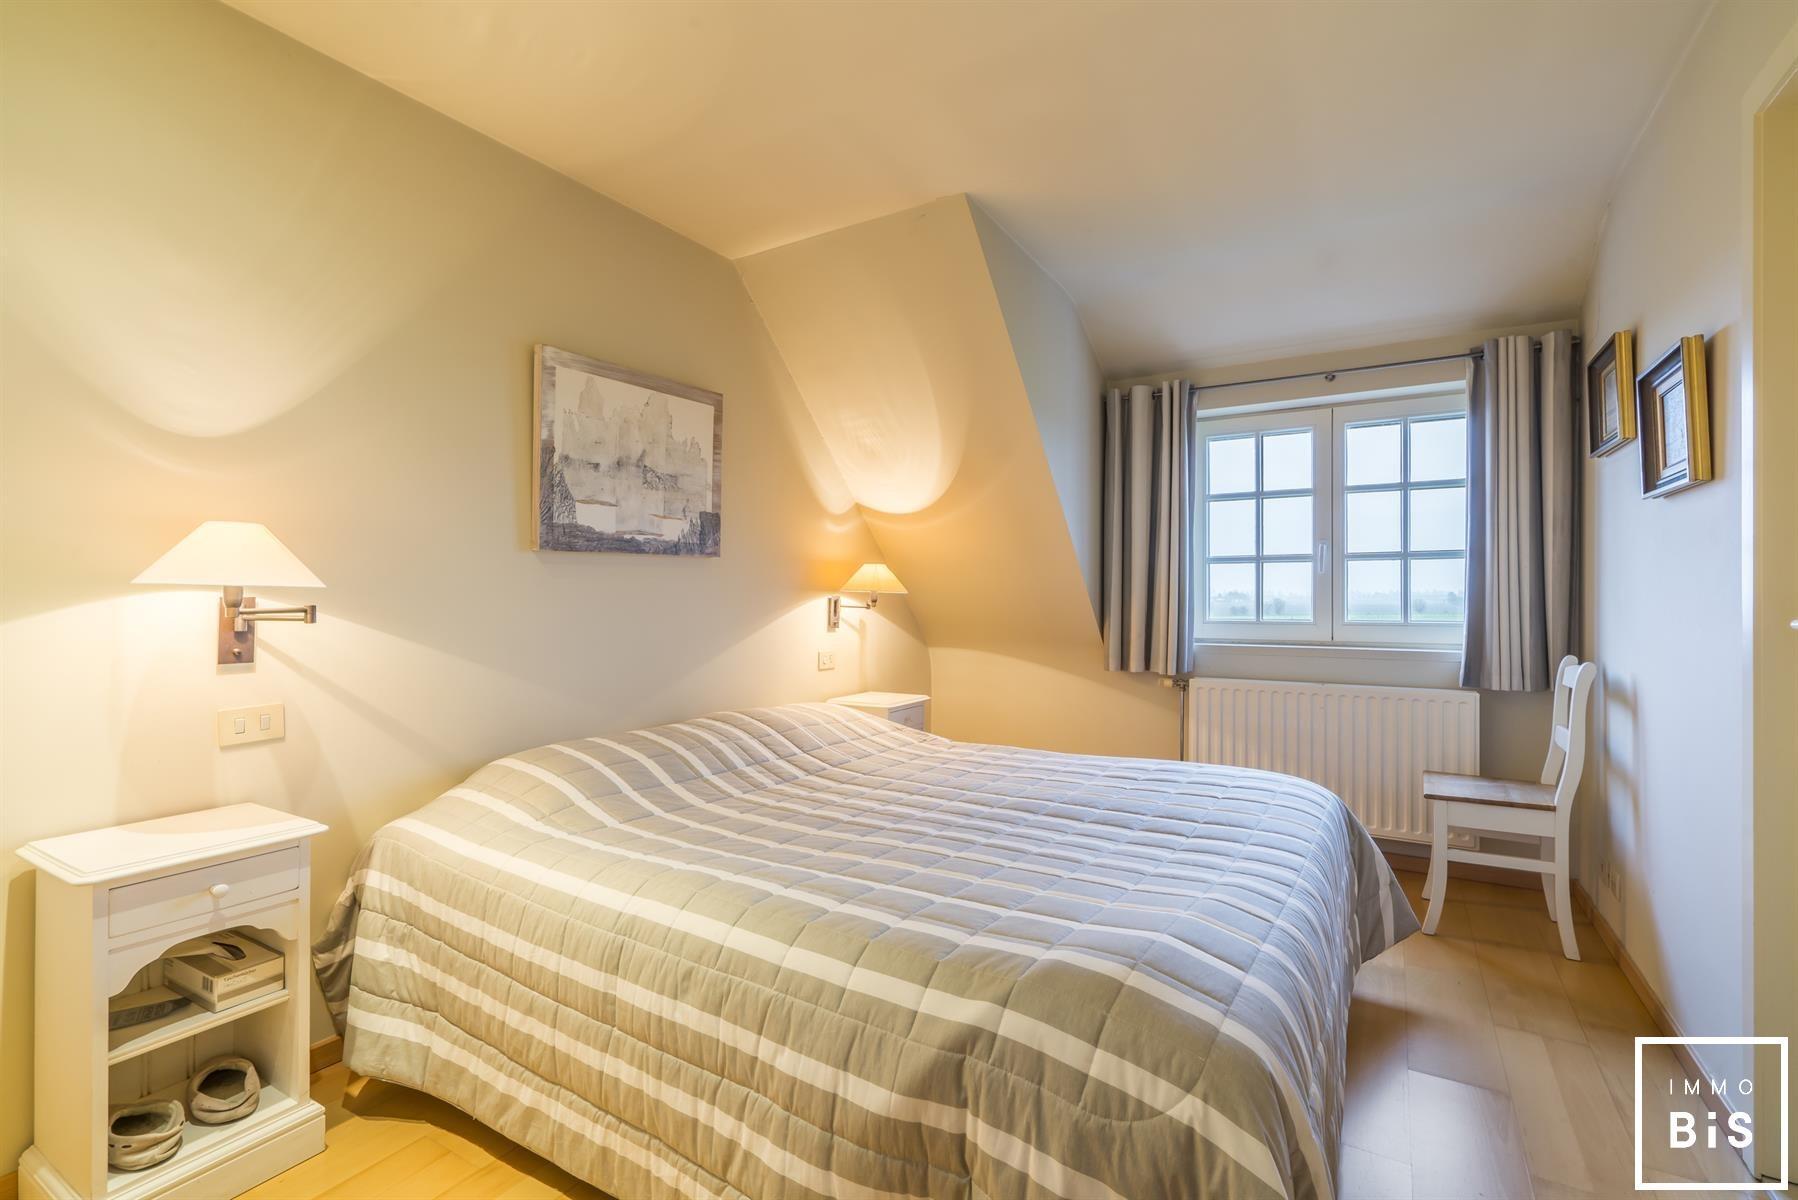 Mooie bel-étage met 4 slaapkamers en een uniek zicht 11